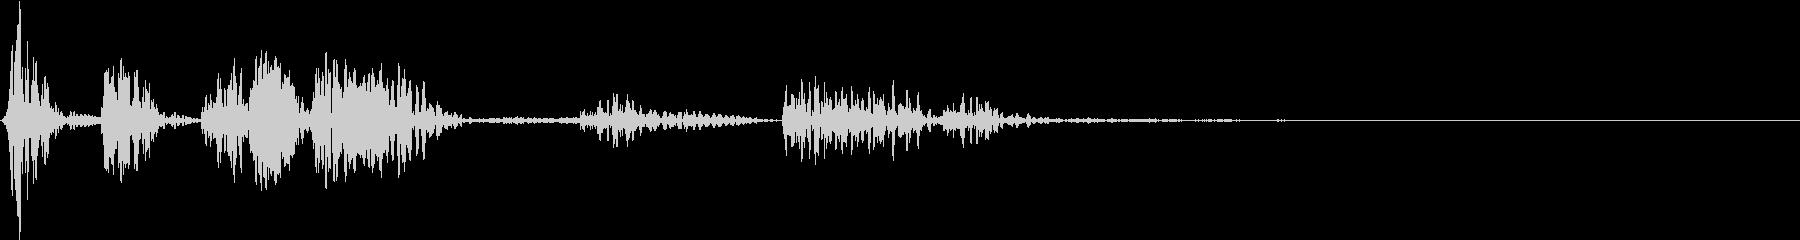 【グリッチ】 FX_07 ピュッツツッの未再生の波形